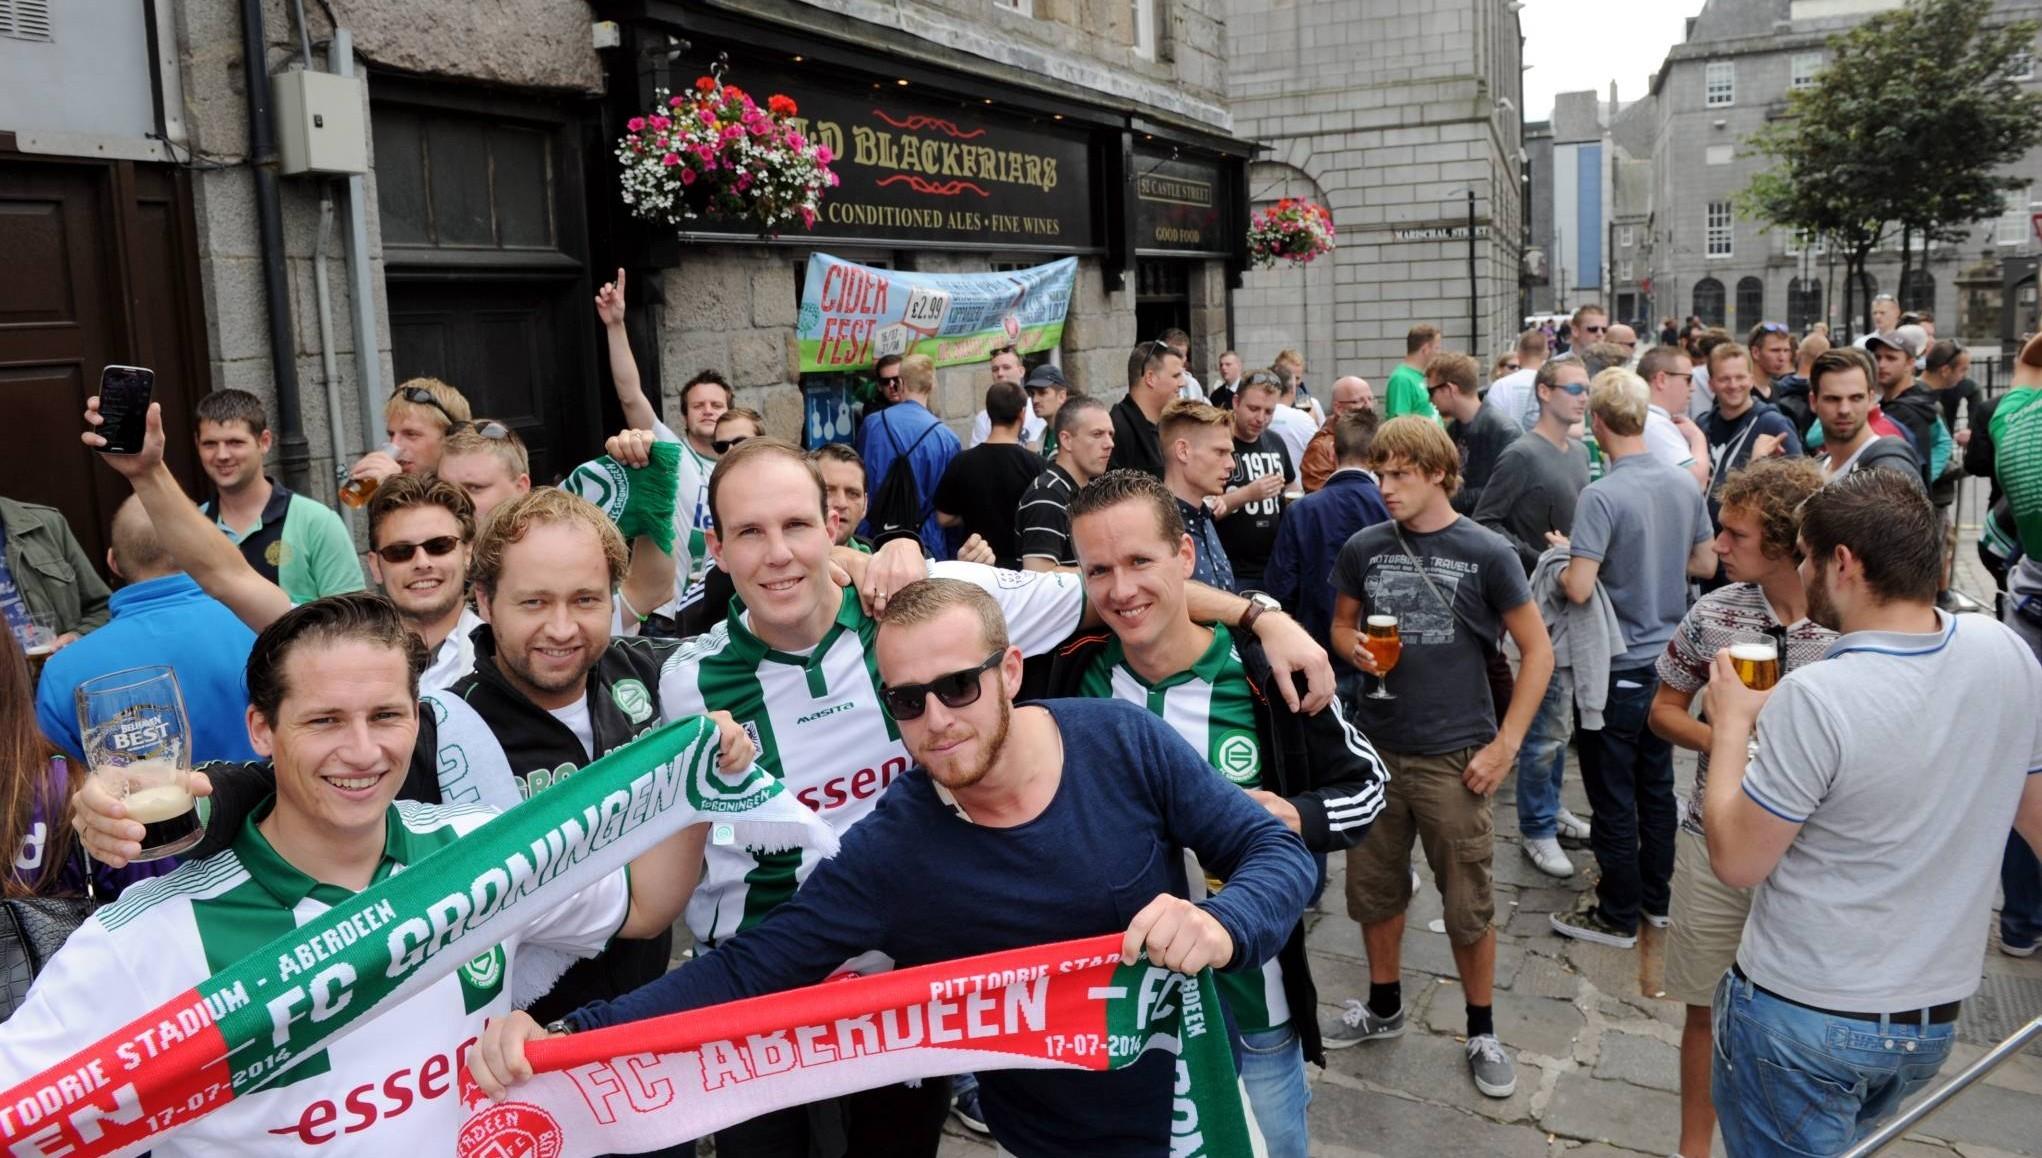 FC Groningen fans at the Castlegate in Aberdeen last year.